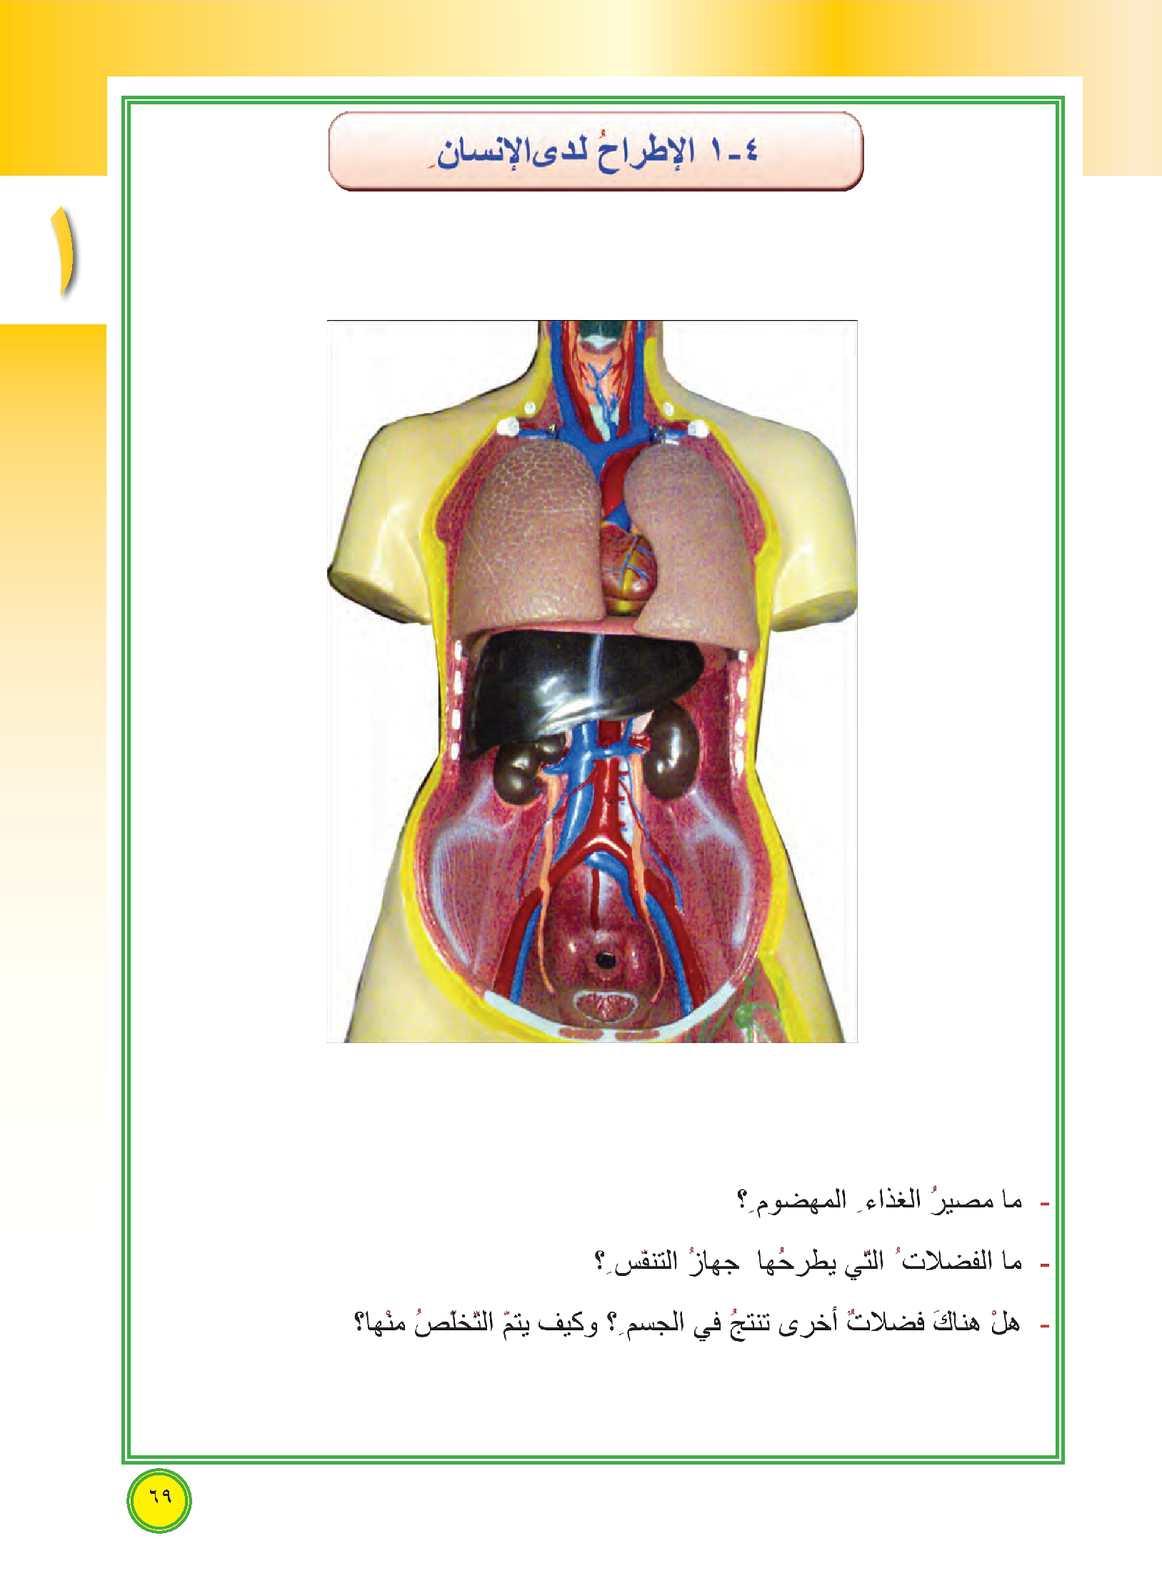 العلوم الصف الخامس سوريا Calameo Downloader